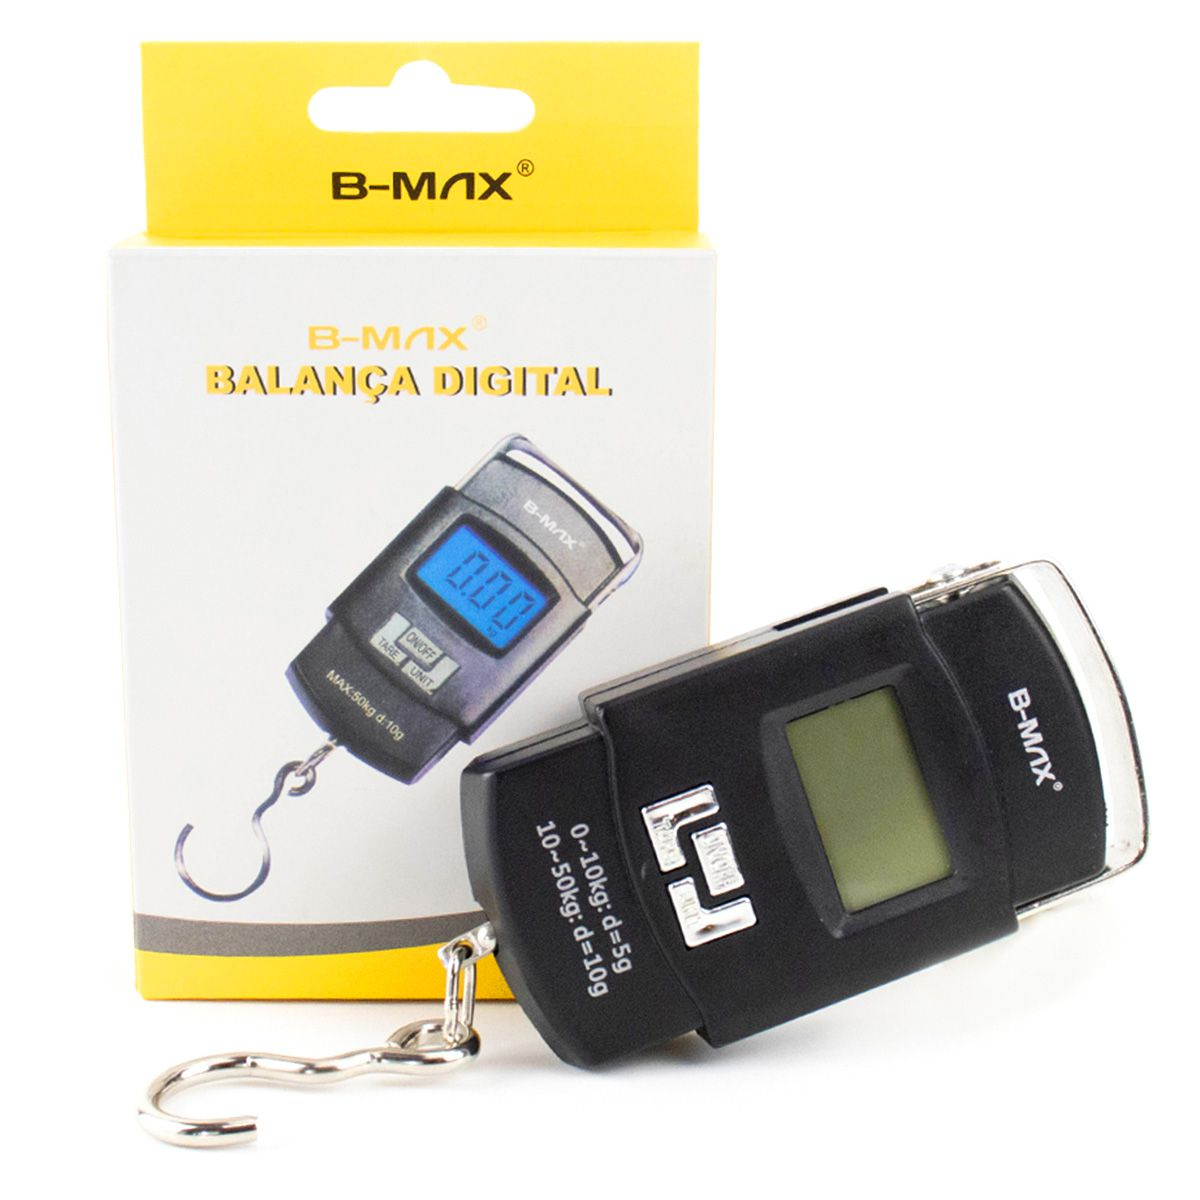 Balança Digital Portátil de Mão para até 50kg B-Max BM-A08